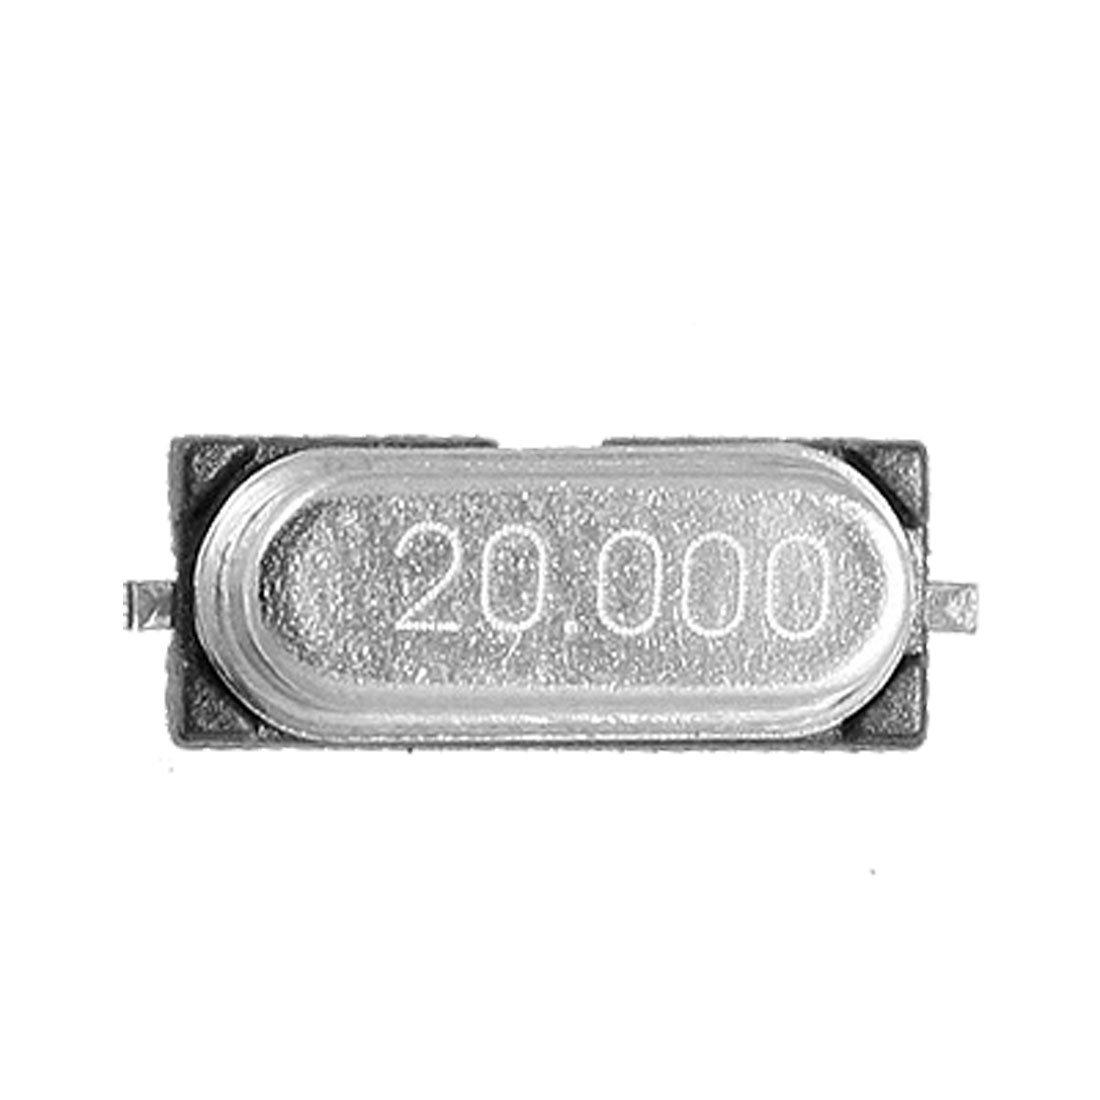 Aexit 50 x 20.000MHZ 20 MHZ 20M HZ Crystal Oscillator HC-49S